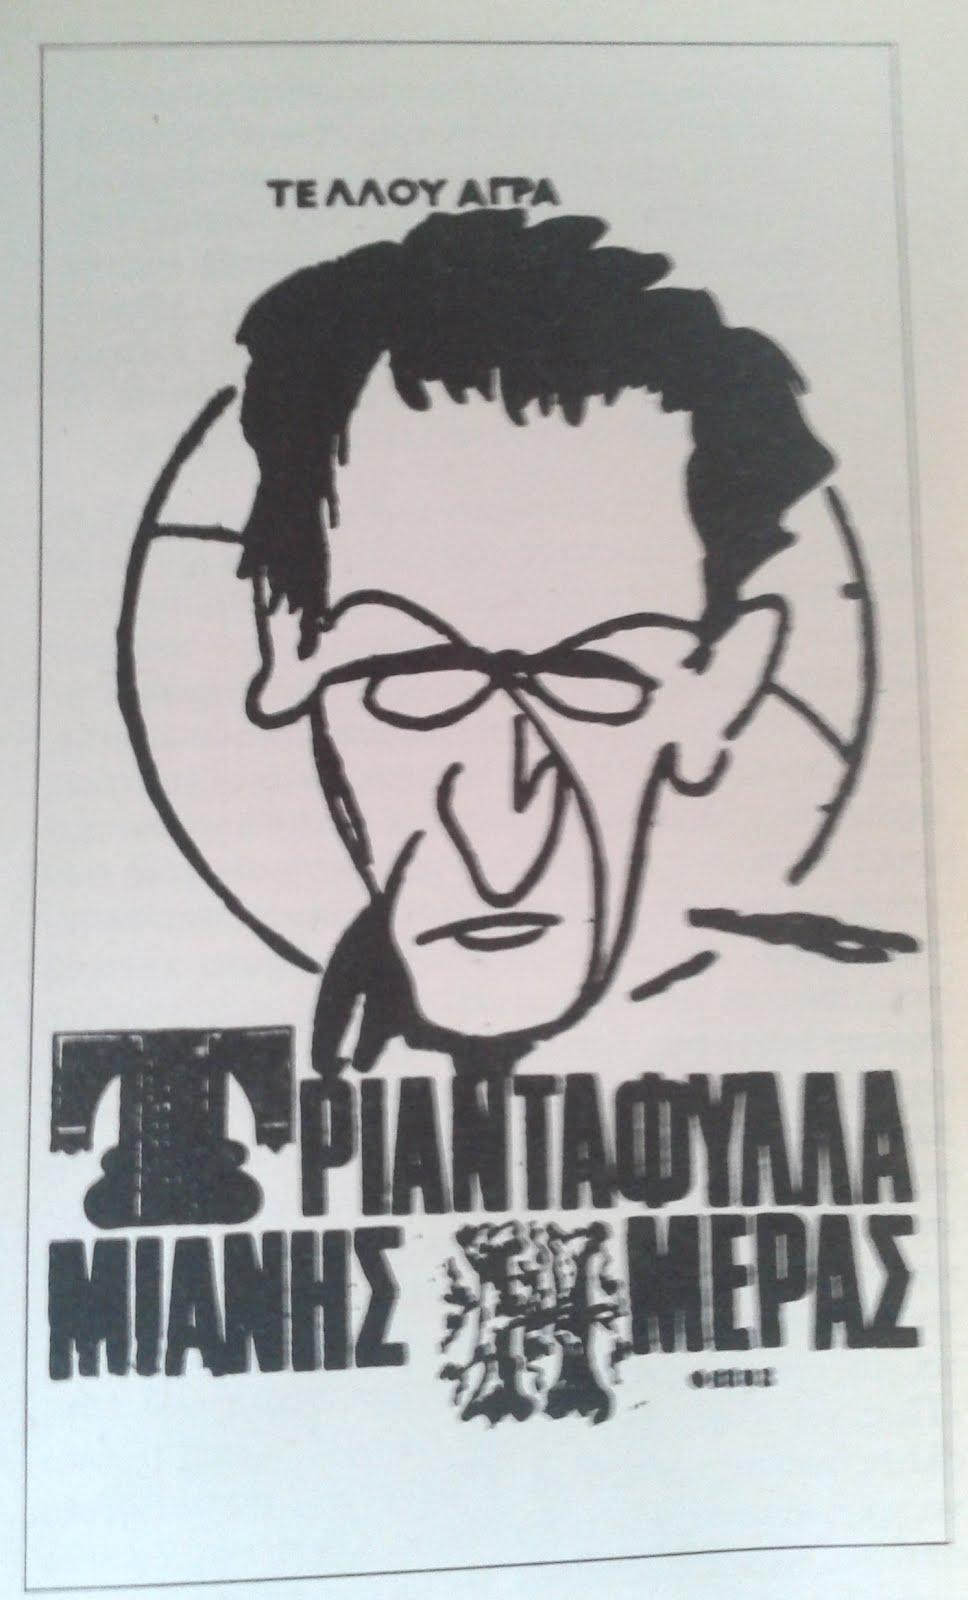 ΠΟΙΗΤΕΣ/ ΤΕΛΛΟΣ ΑΓΡΑΣ